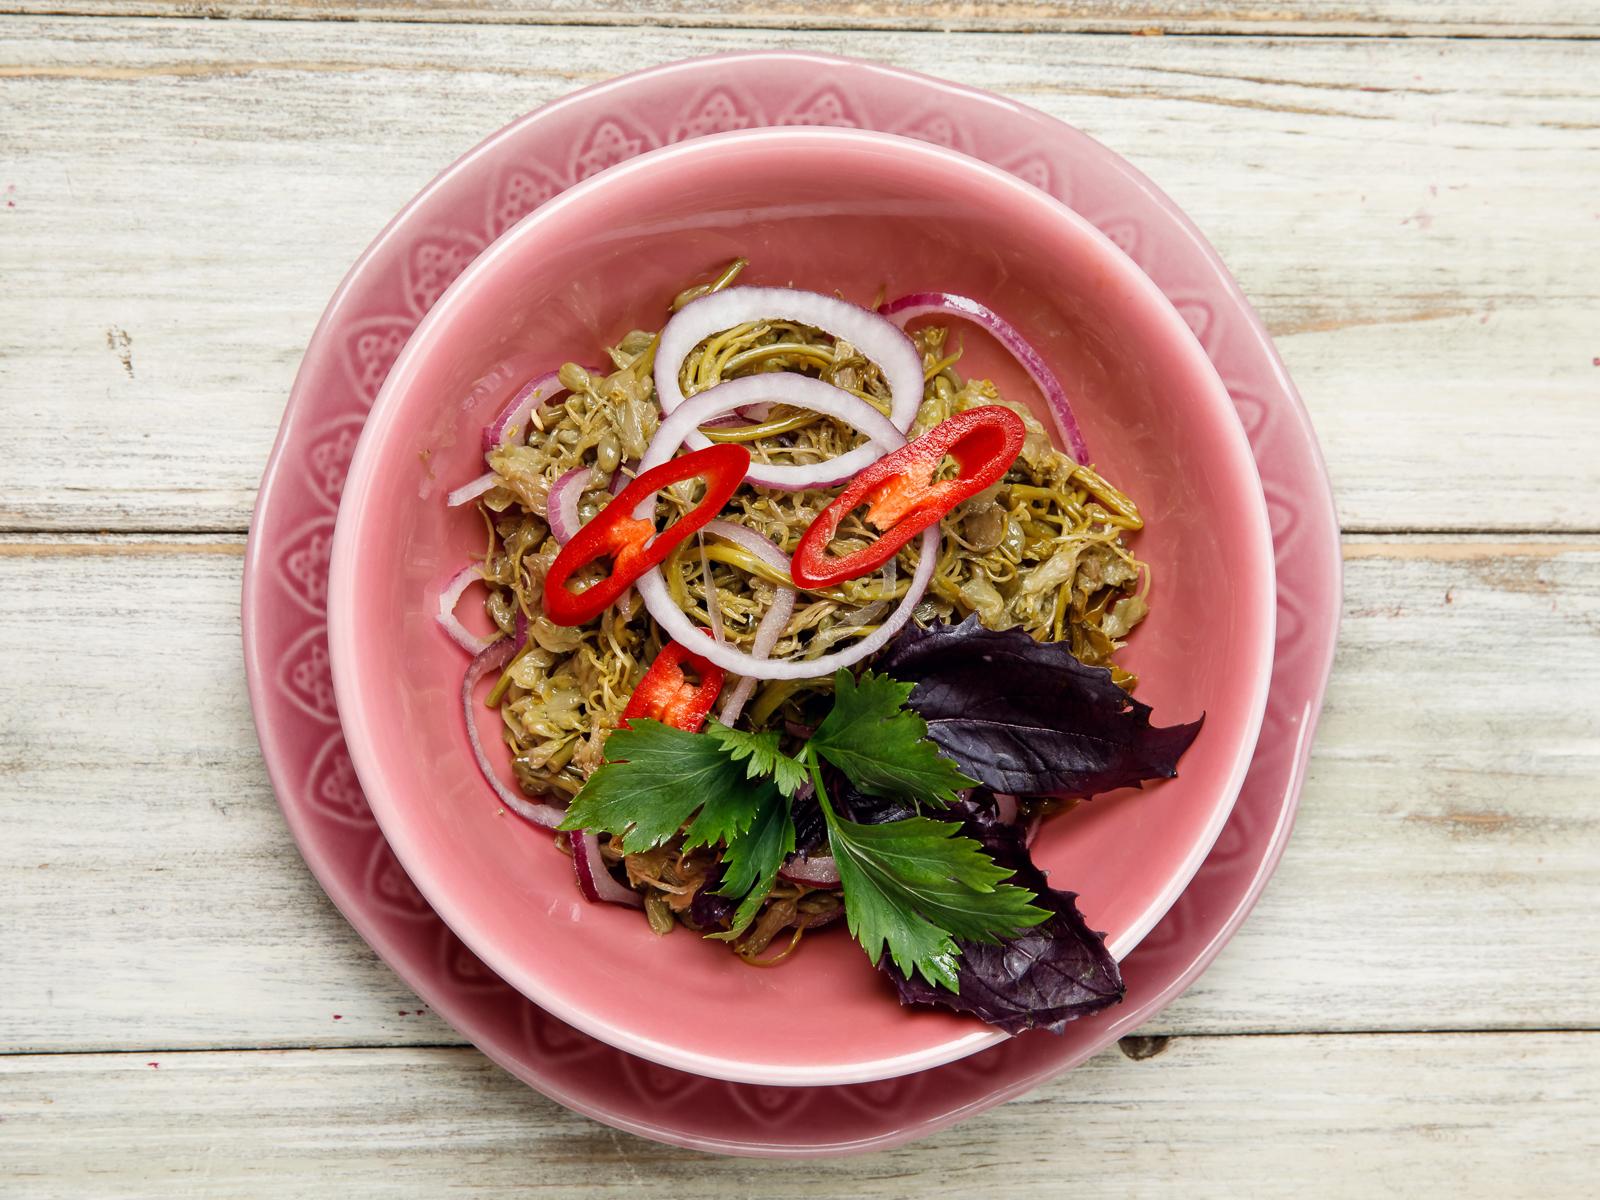 Салат Джонджоли с лучком и ароматным маслом